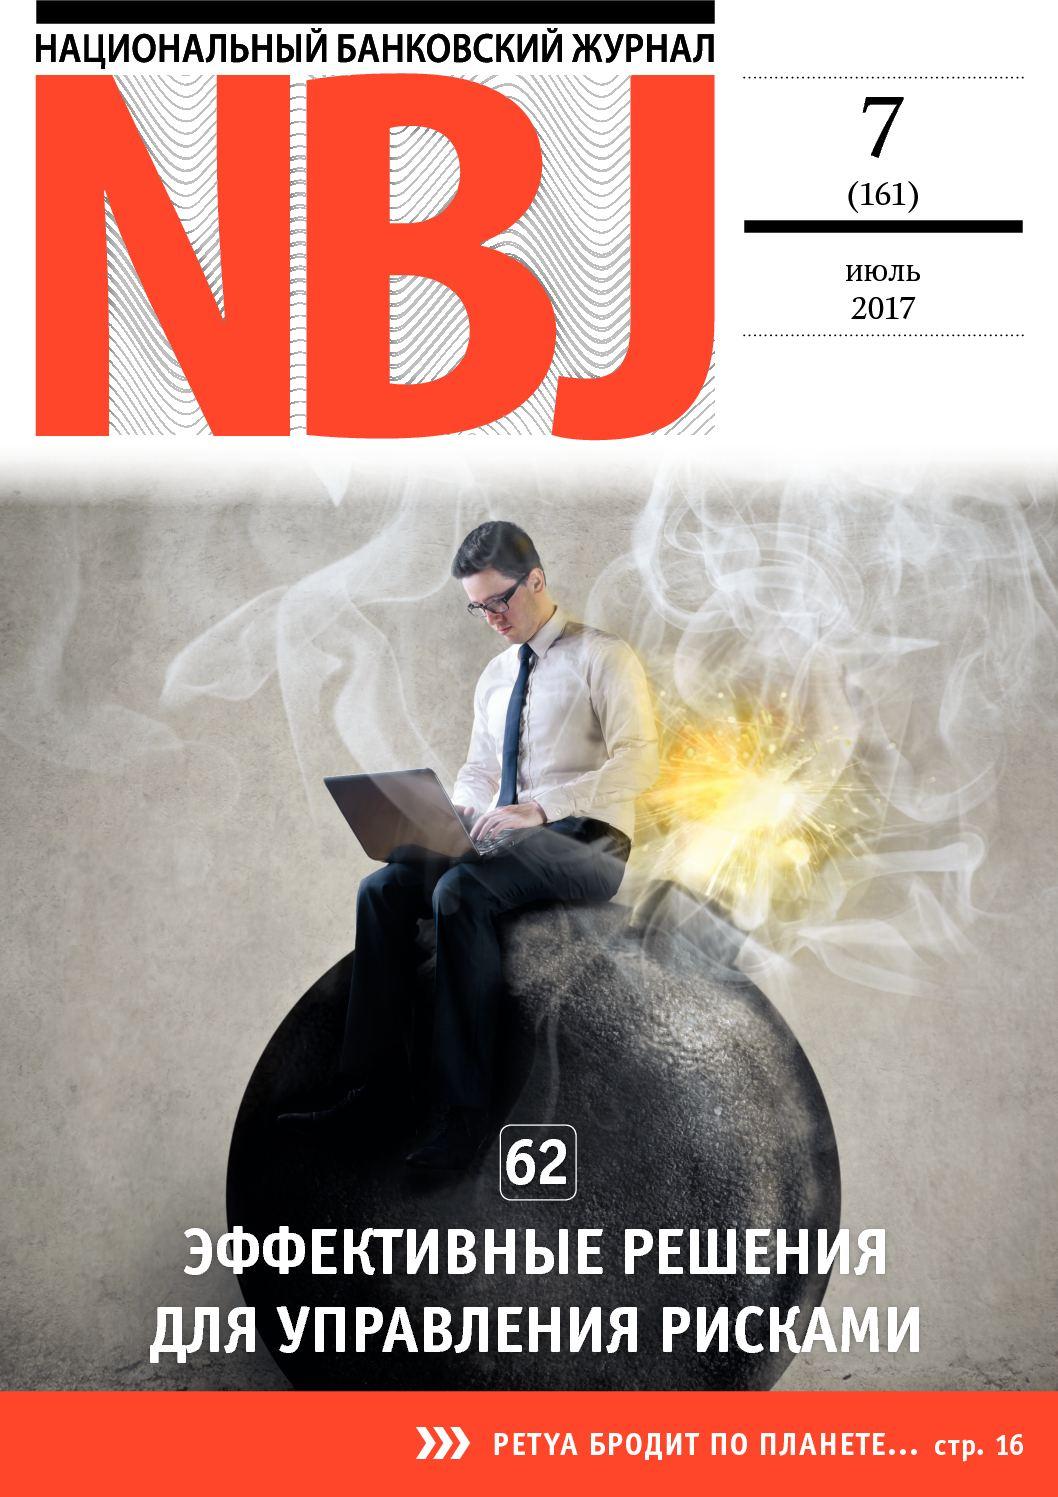 Национальный Банковский Журнал июль 2017 г.